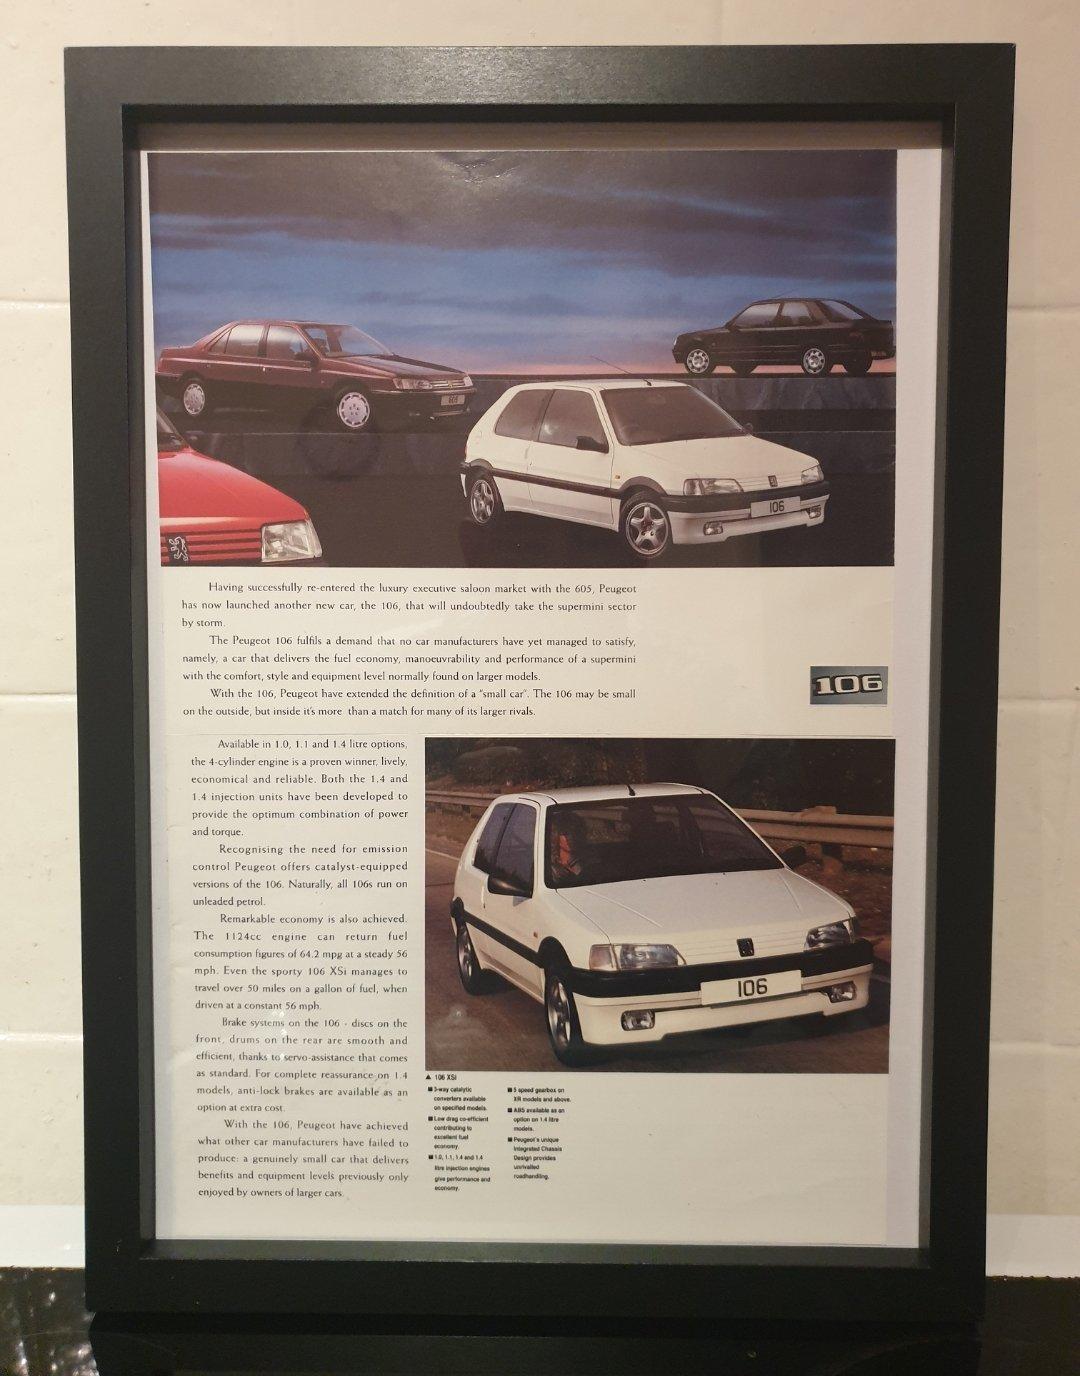 1992 Peugeot 106 Framed Advert Original  For Sale (picture 1 of 2)